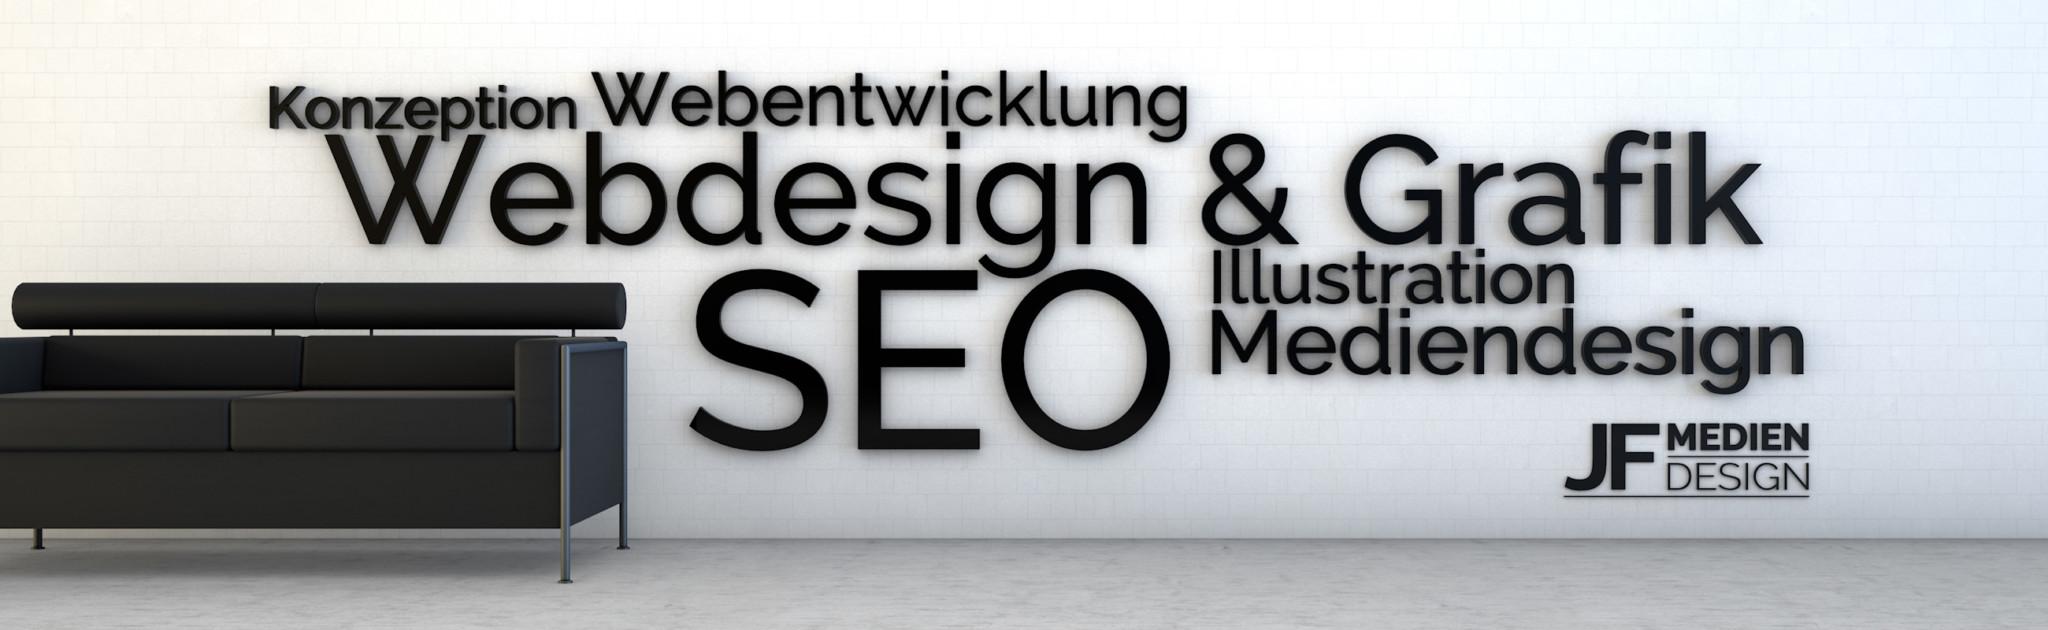 jfmediendesign - WordPress Webdesign, Grafik und Mediendesign